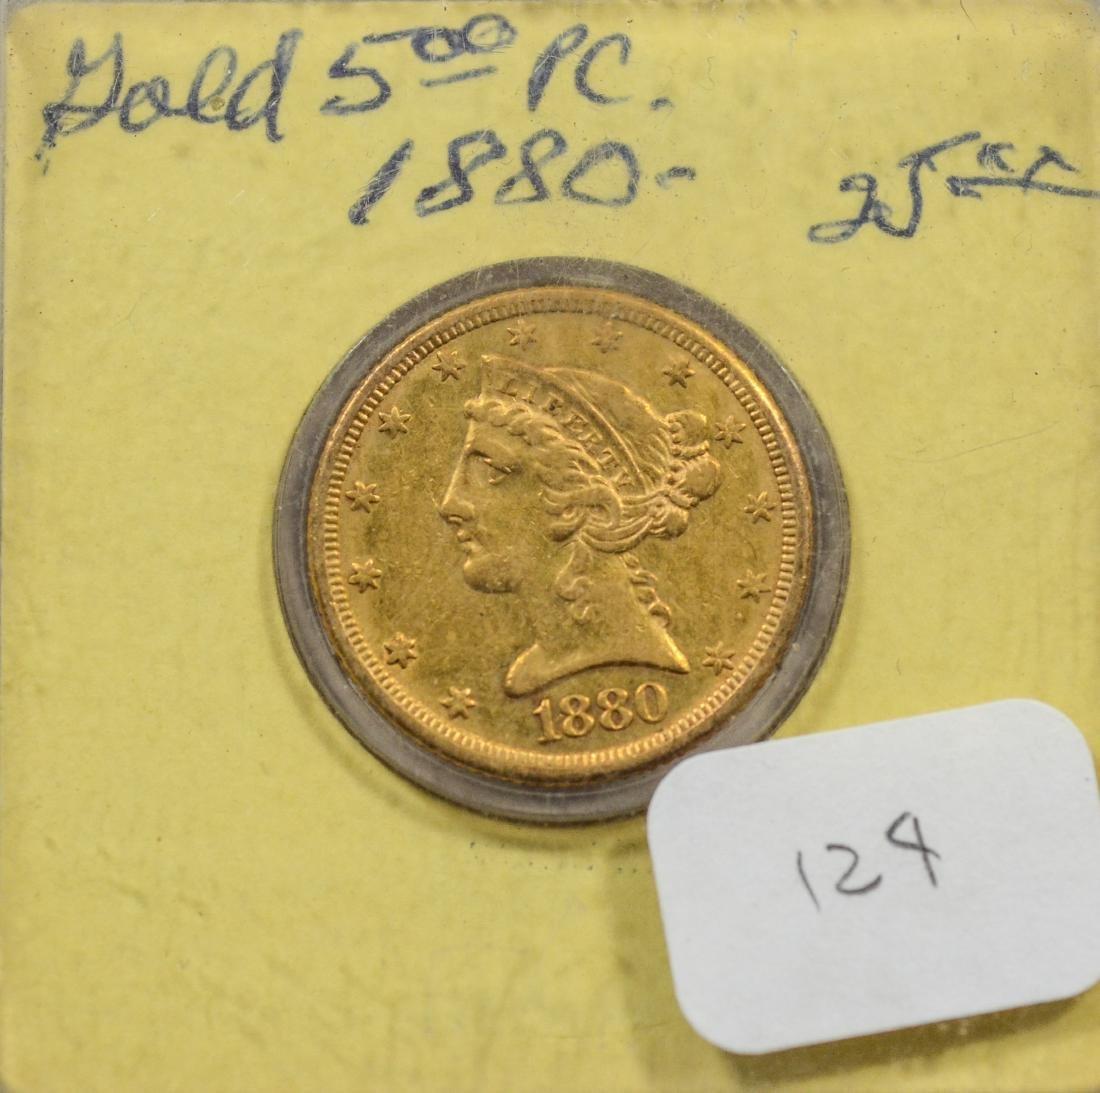 1880 $5 Liberty gold coin, VF